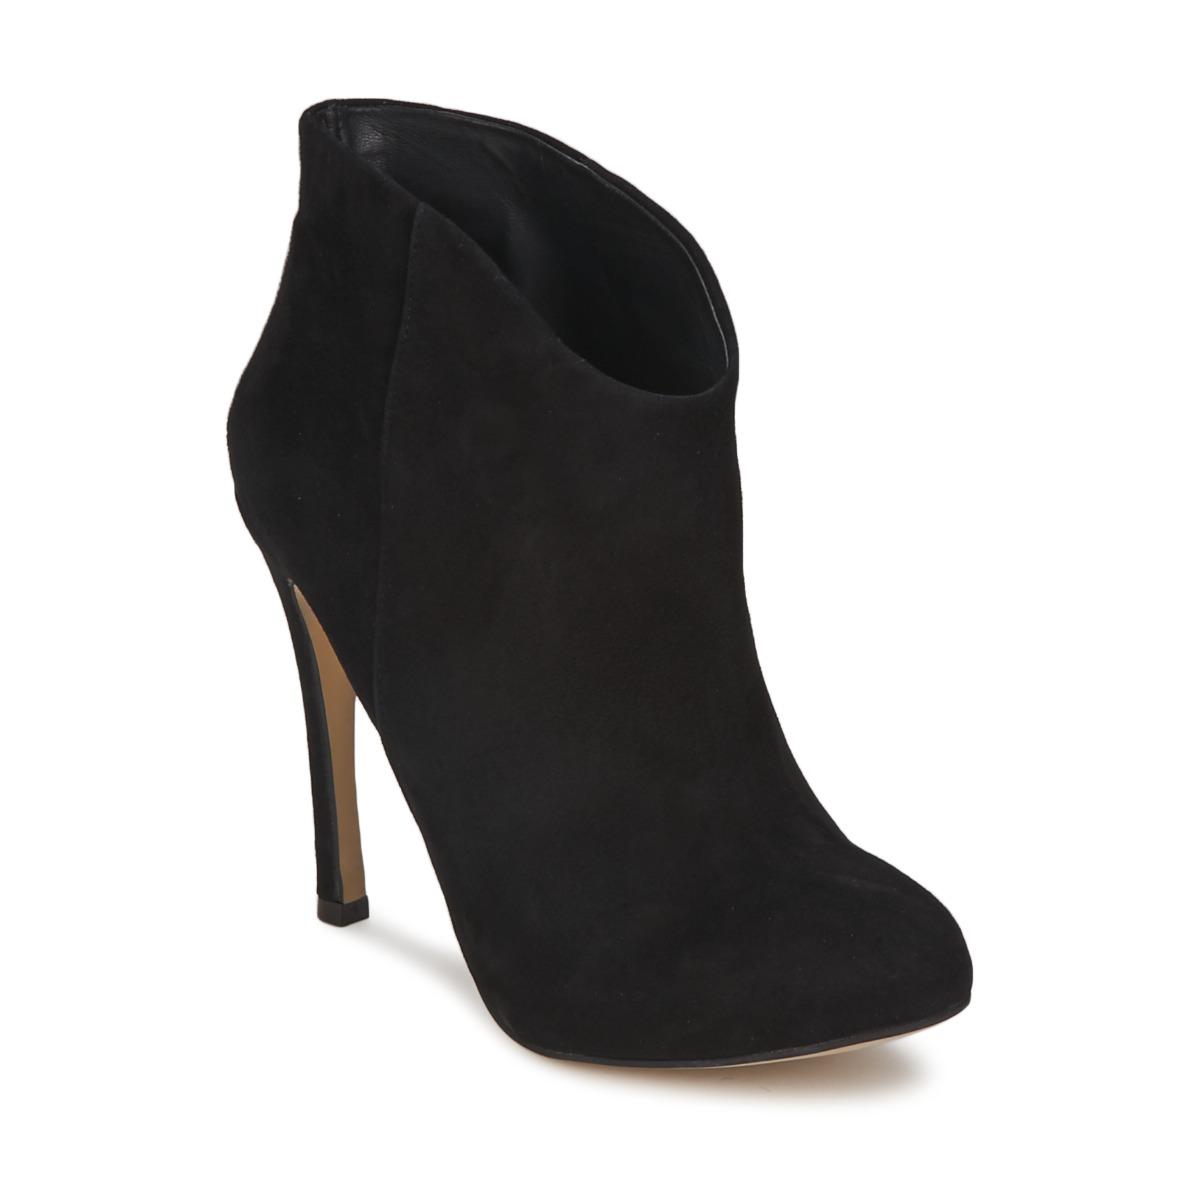 de2449d47f7a14 SuperTrash Schwarz - Kostenloser Versand bei Spartoode ! - Schuhe Ankle  Boots Damen 85